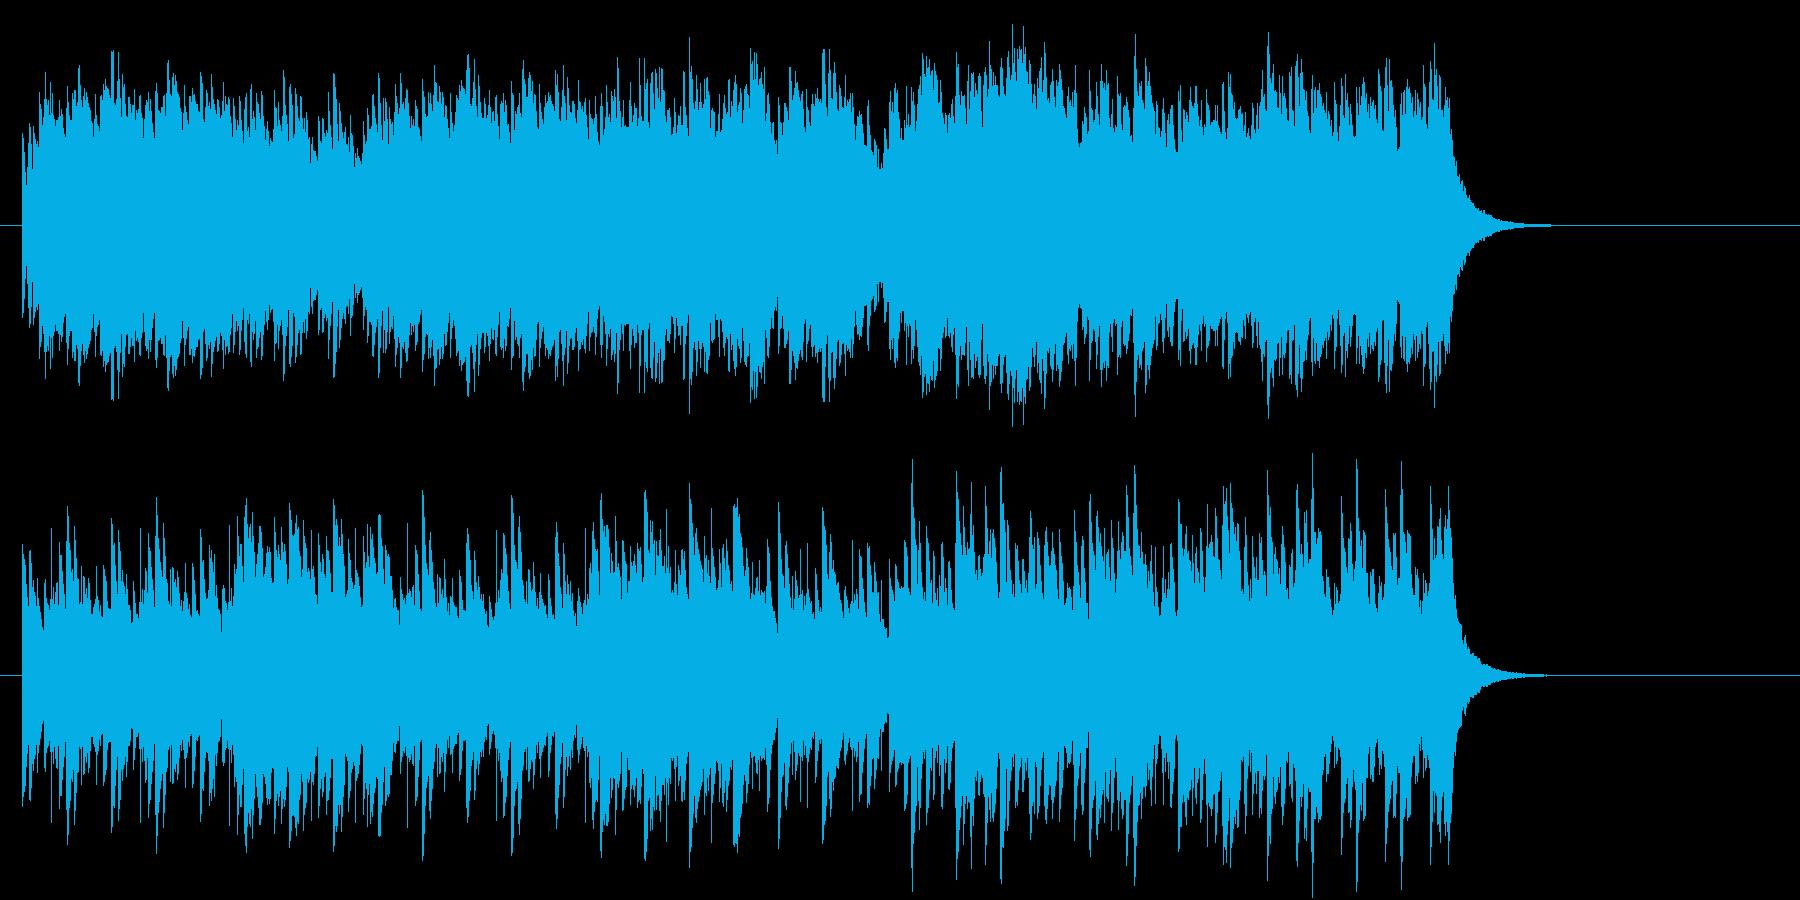 キラキラしたBGMの再生済みの波形